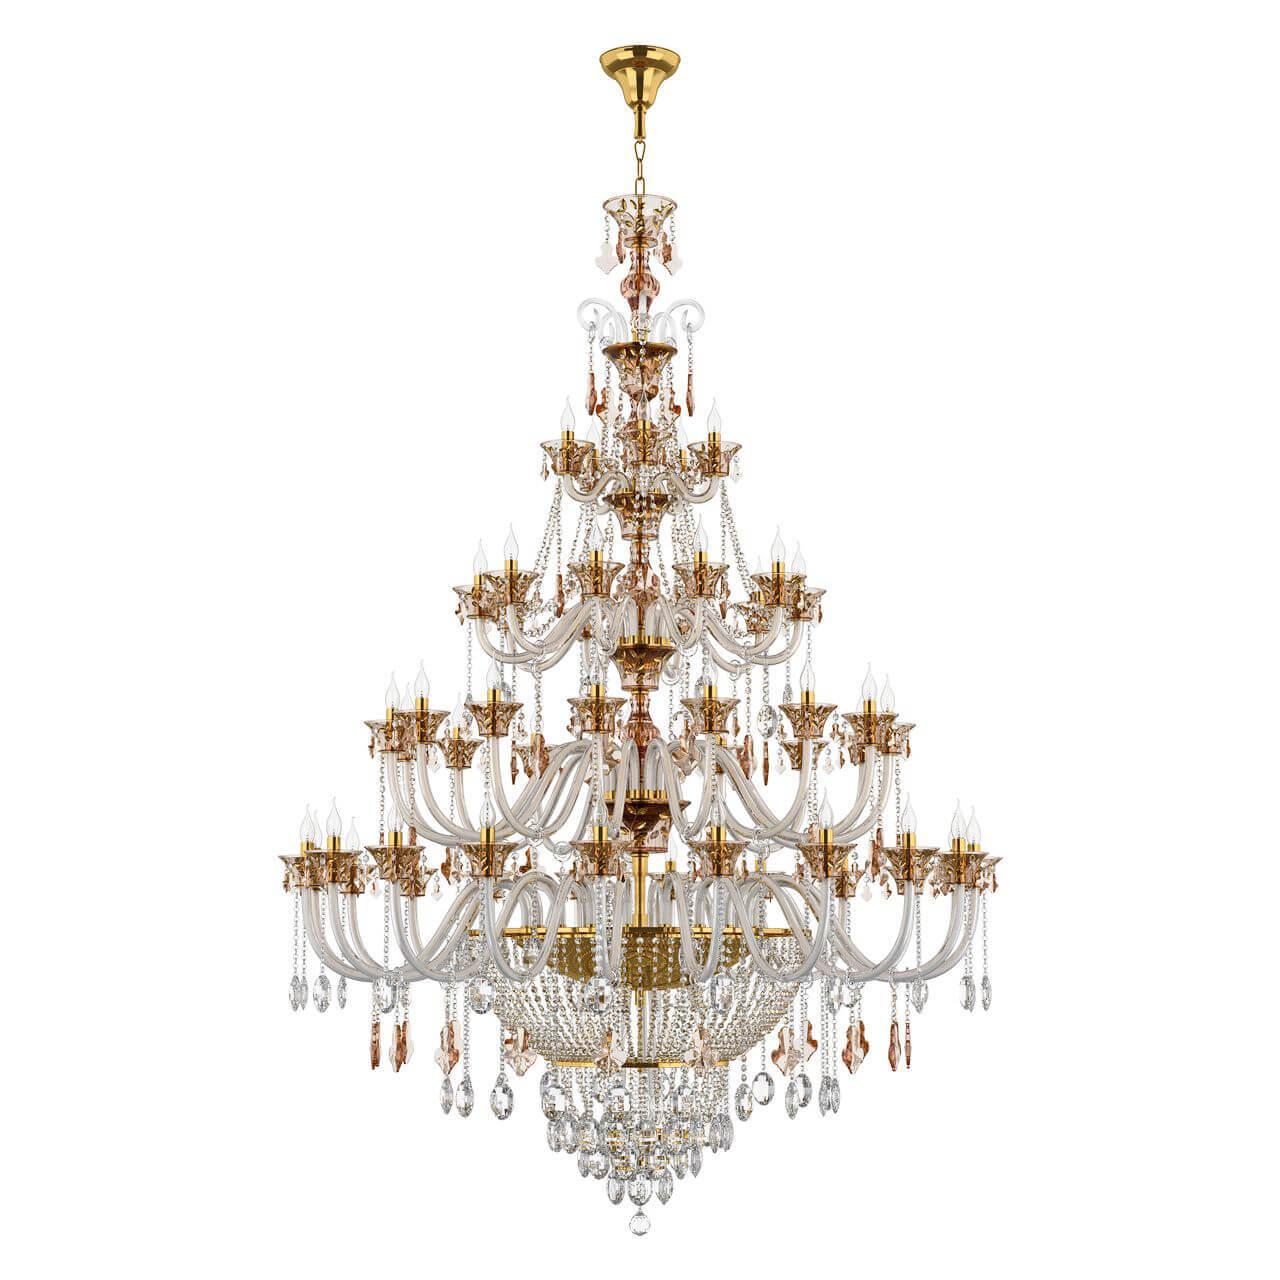 Подвесная люстра Osgona Tesoro 710572 osgona настольная лампа декоративная osgona tesoro 710952